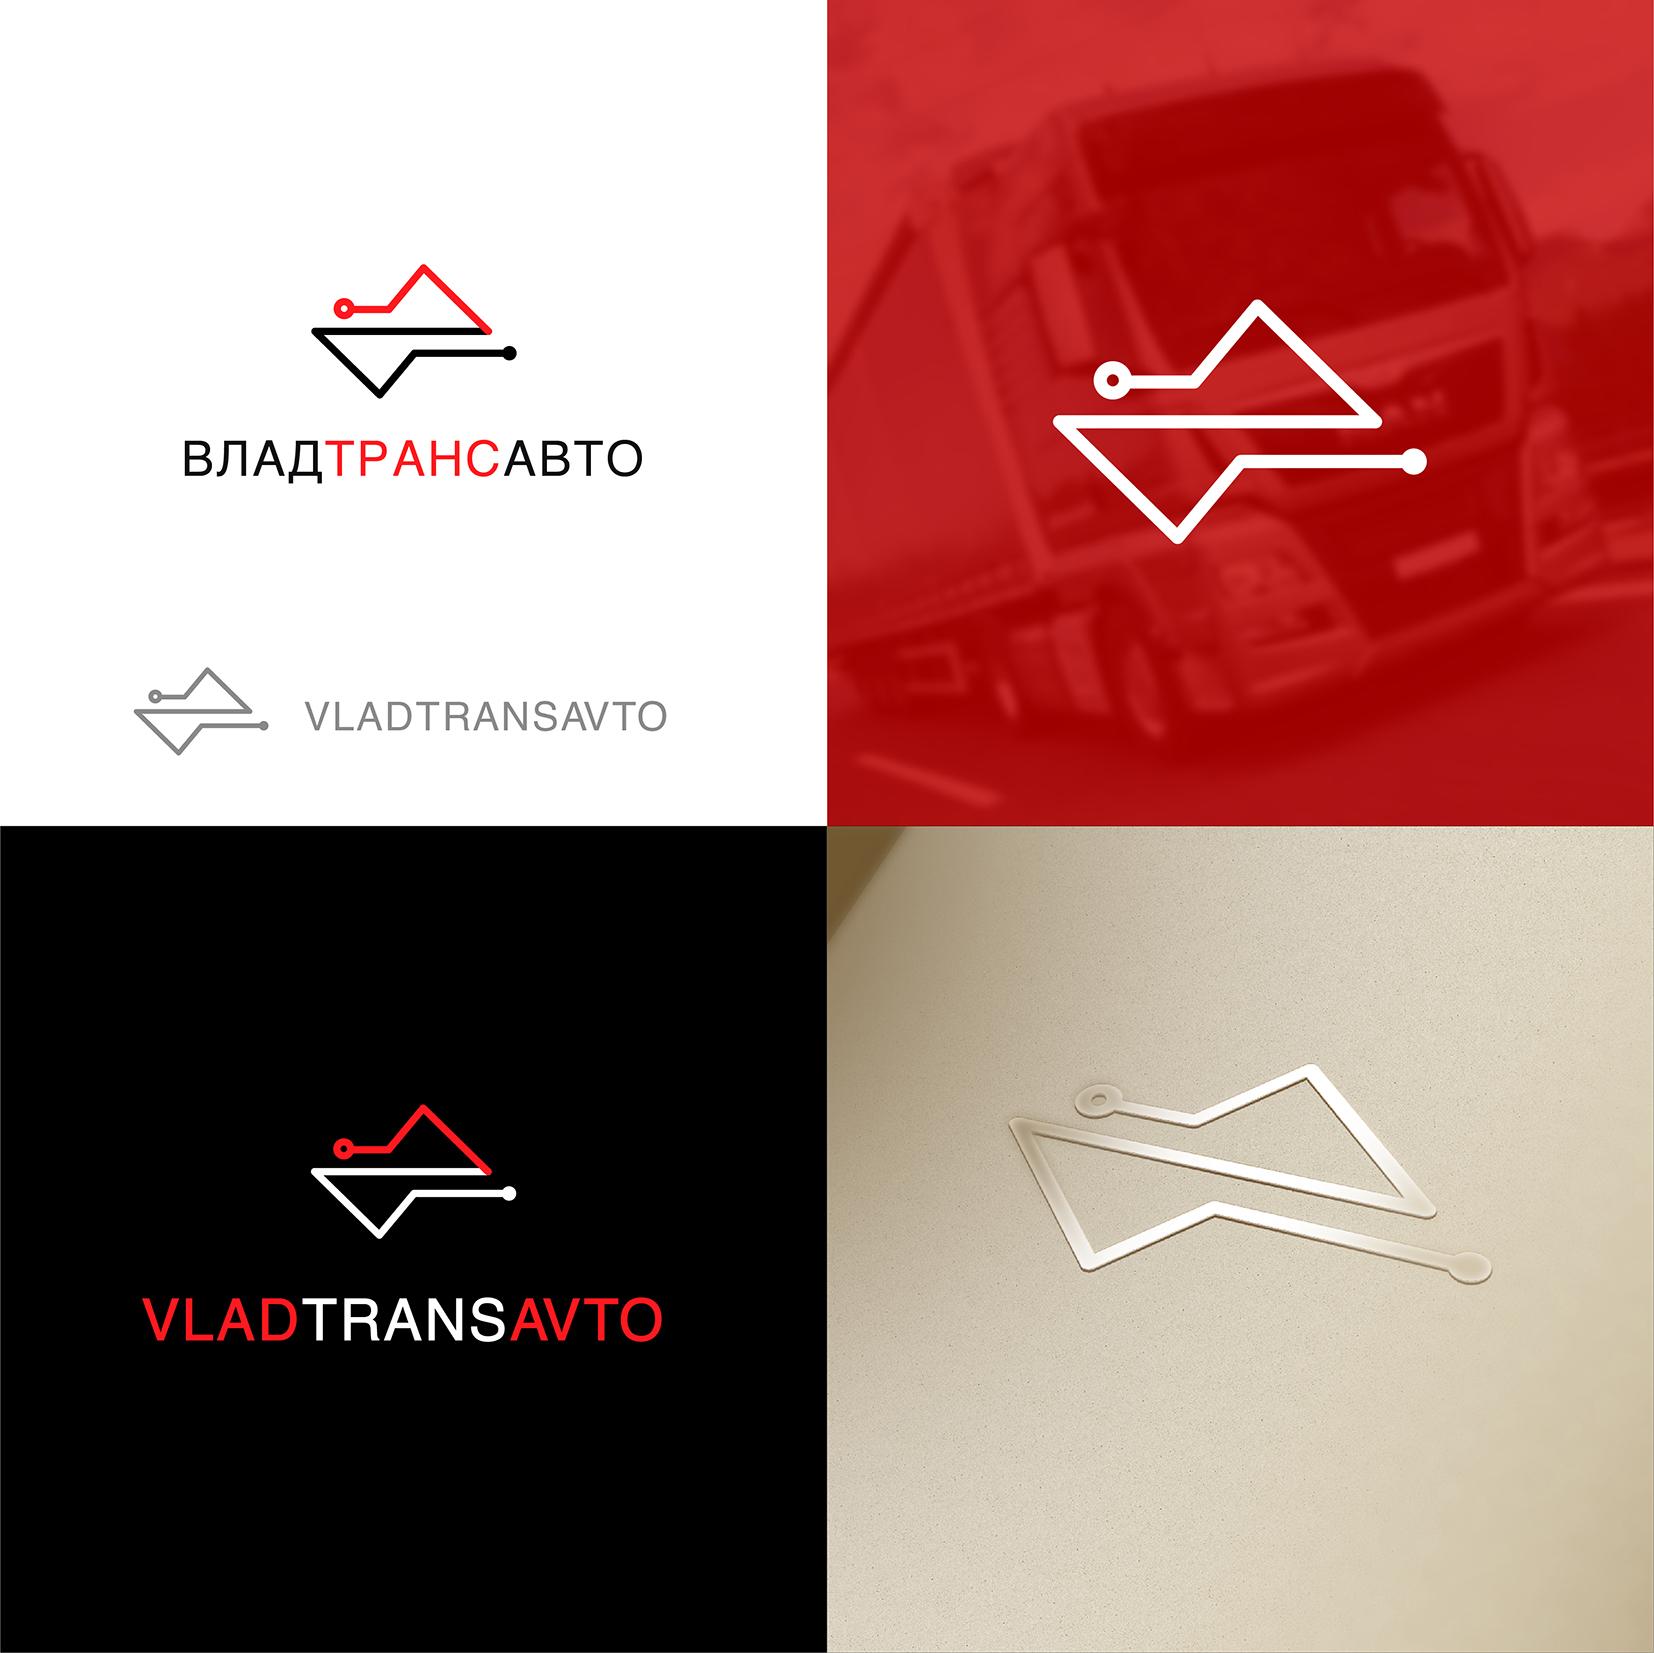 Логотип и фирменный стиль для транспортной компании Владтрансавто фото f_8595cdbc59c114ee.jpg